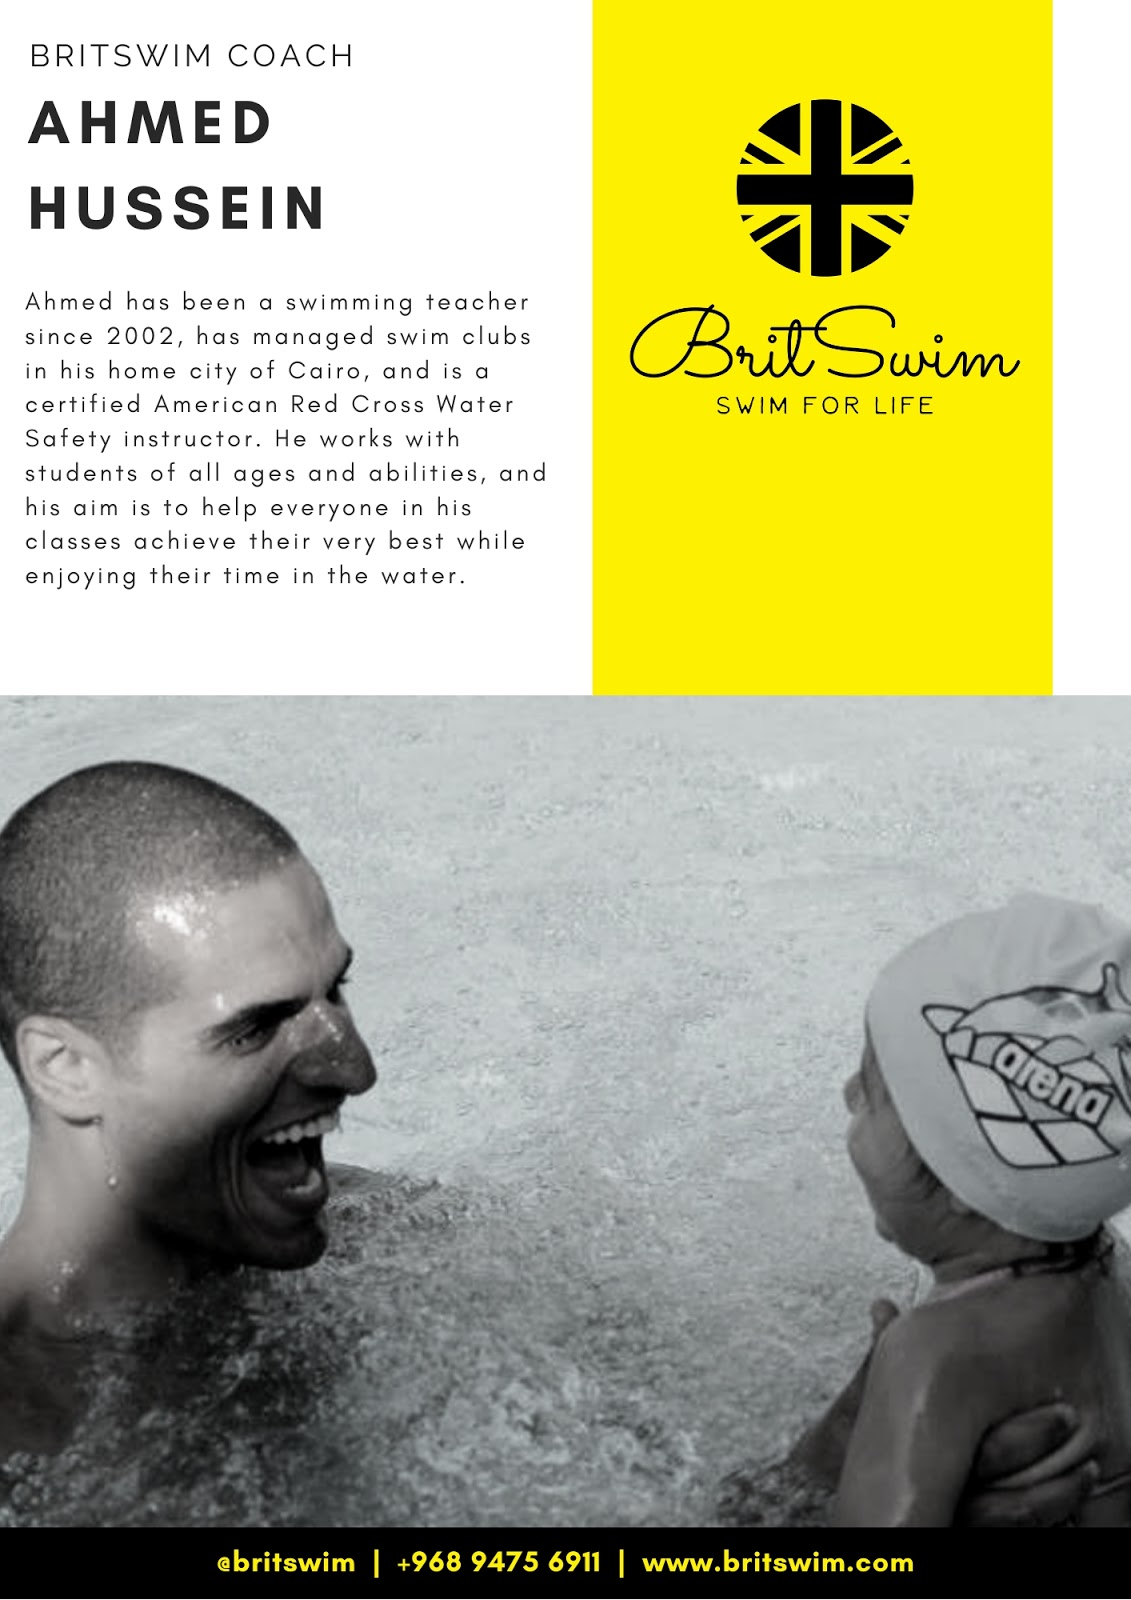 BritSwim swim class Muscat triathlon baby aquafit Unique Sports